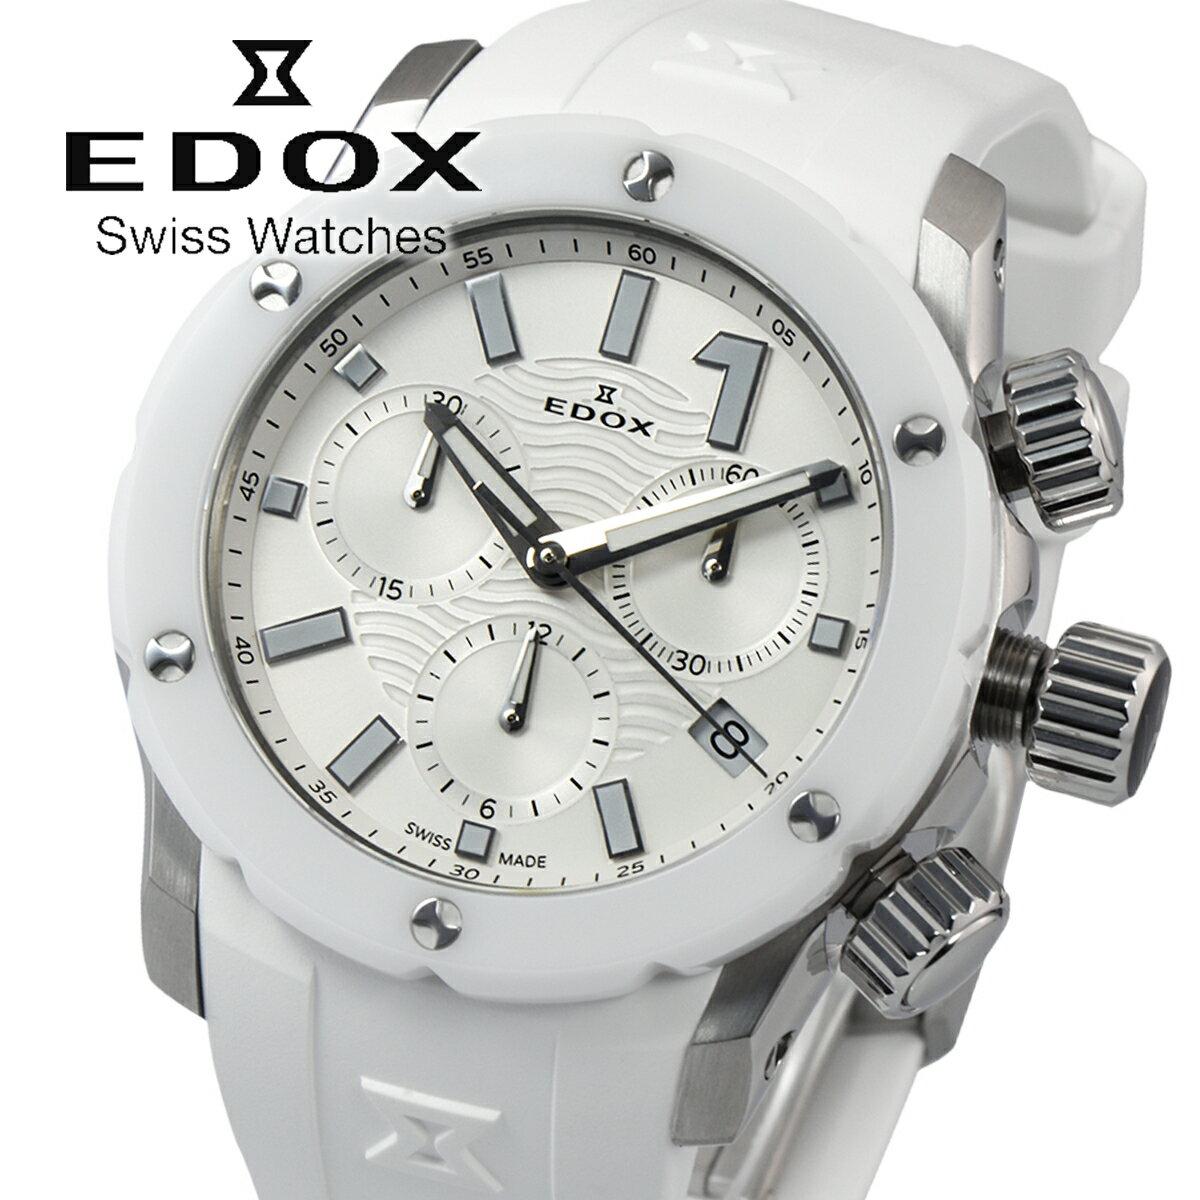 エドックス EDOX CHRONOFFSHORE-1 10225 3B BIN レディース 時計 腕時計 クオーツ クロノグラフ